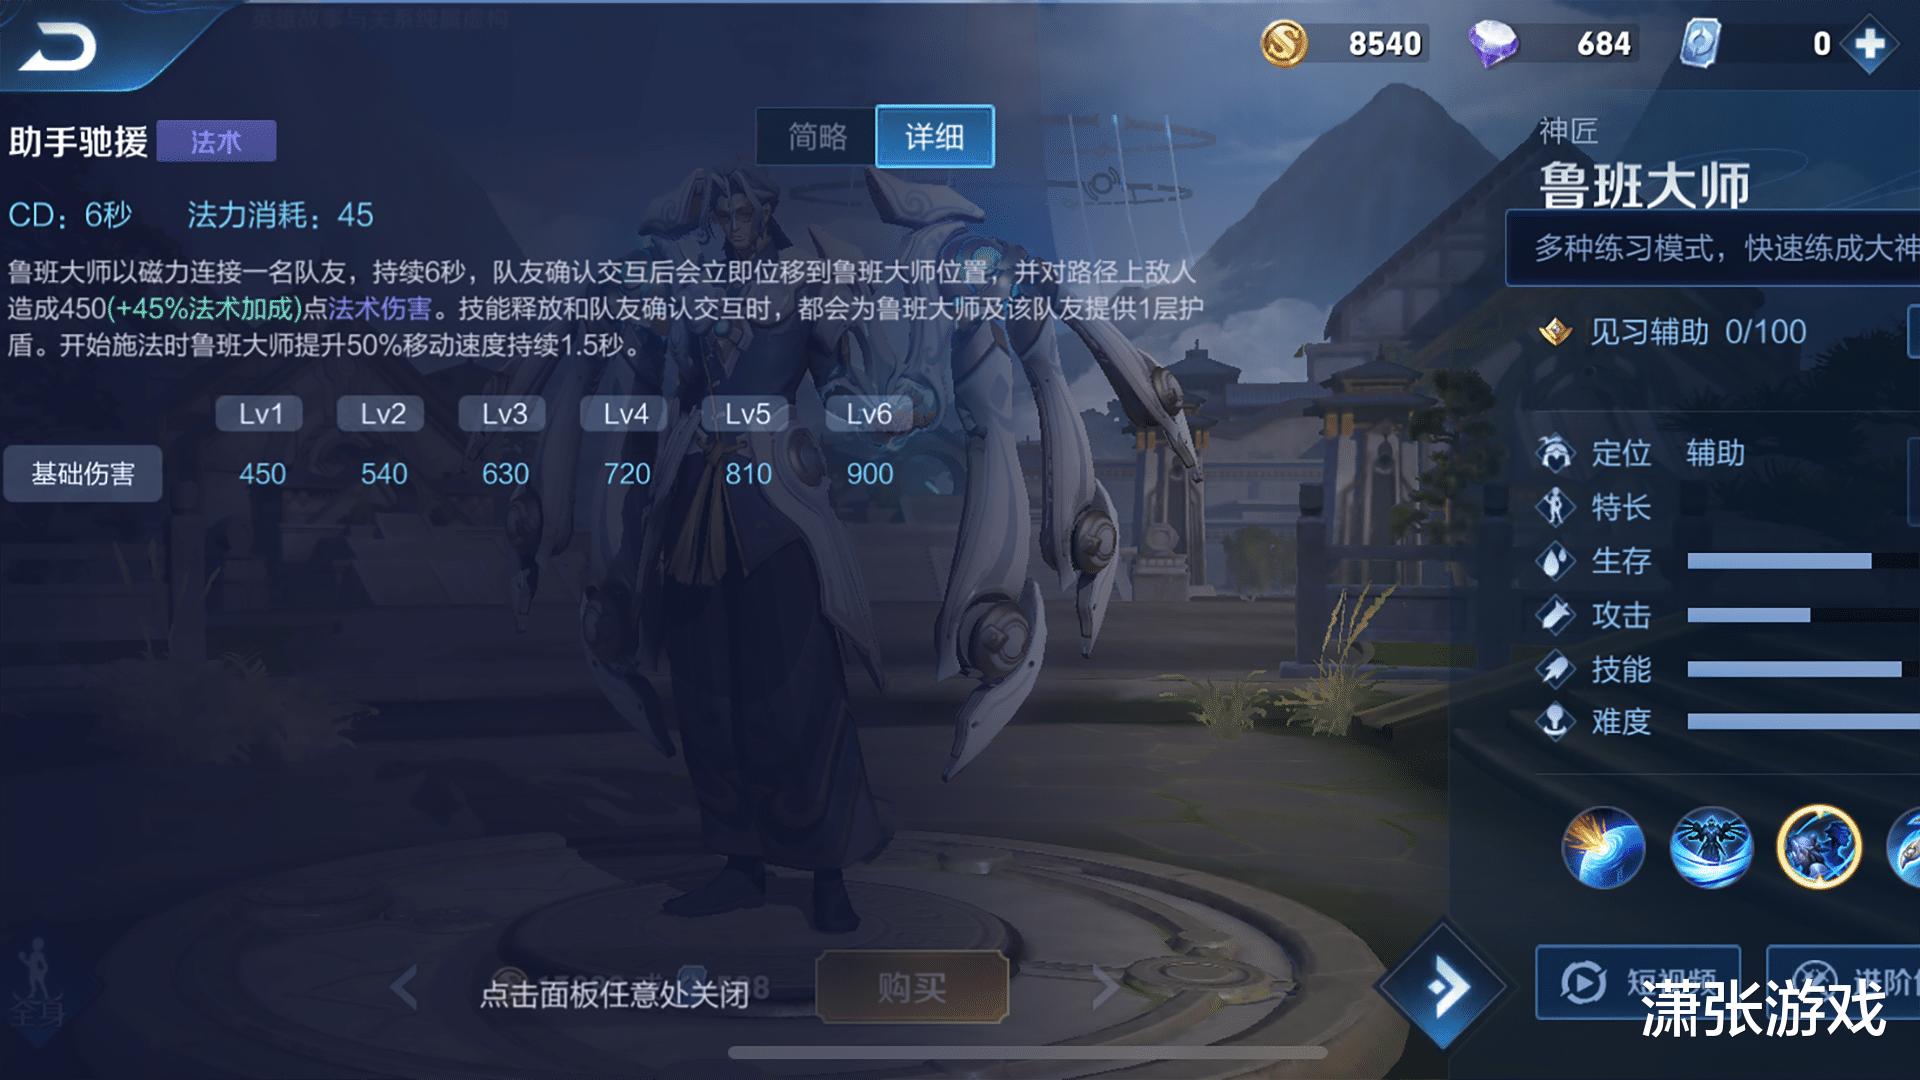 王者荣耀:鲁班大师最新Ban率64.20%的3个原因,附带细节攻略! 鲁班 王者荣耀 单机资讯  第3张